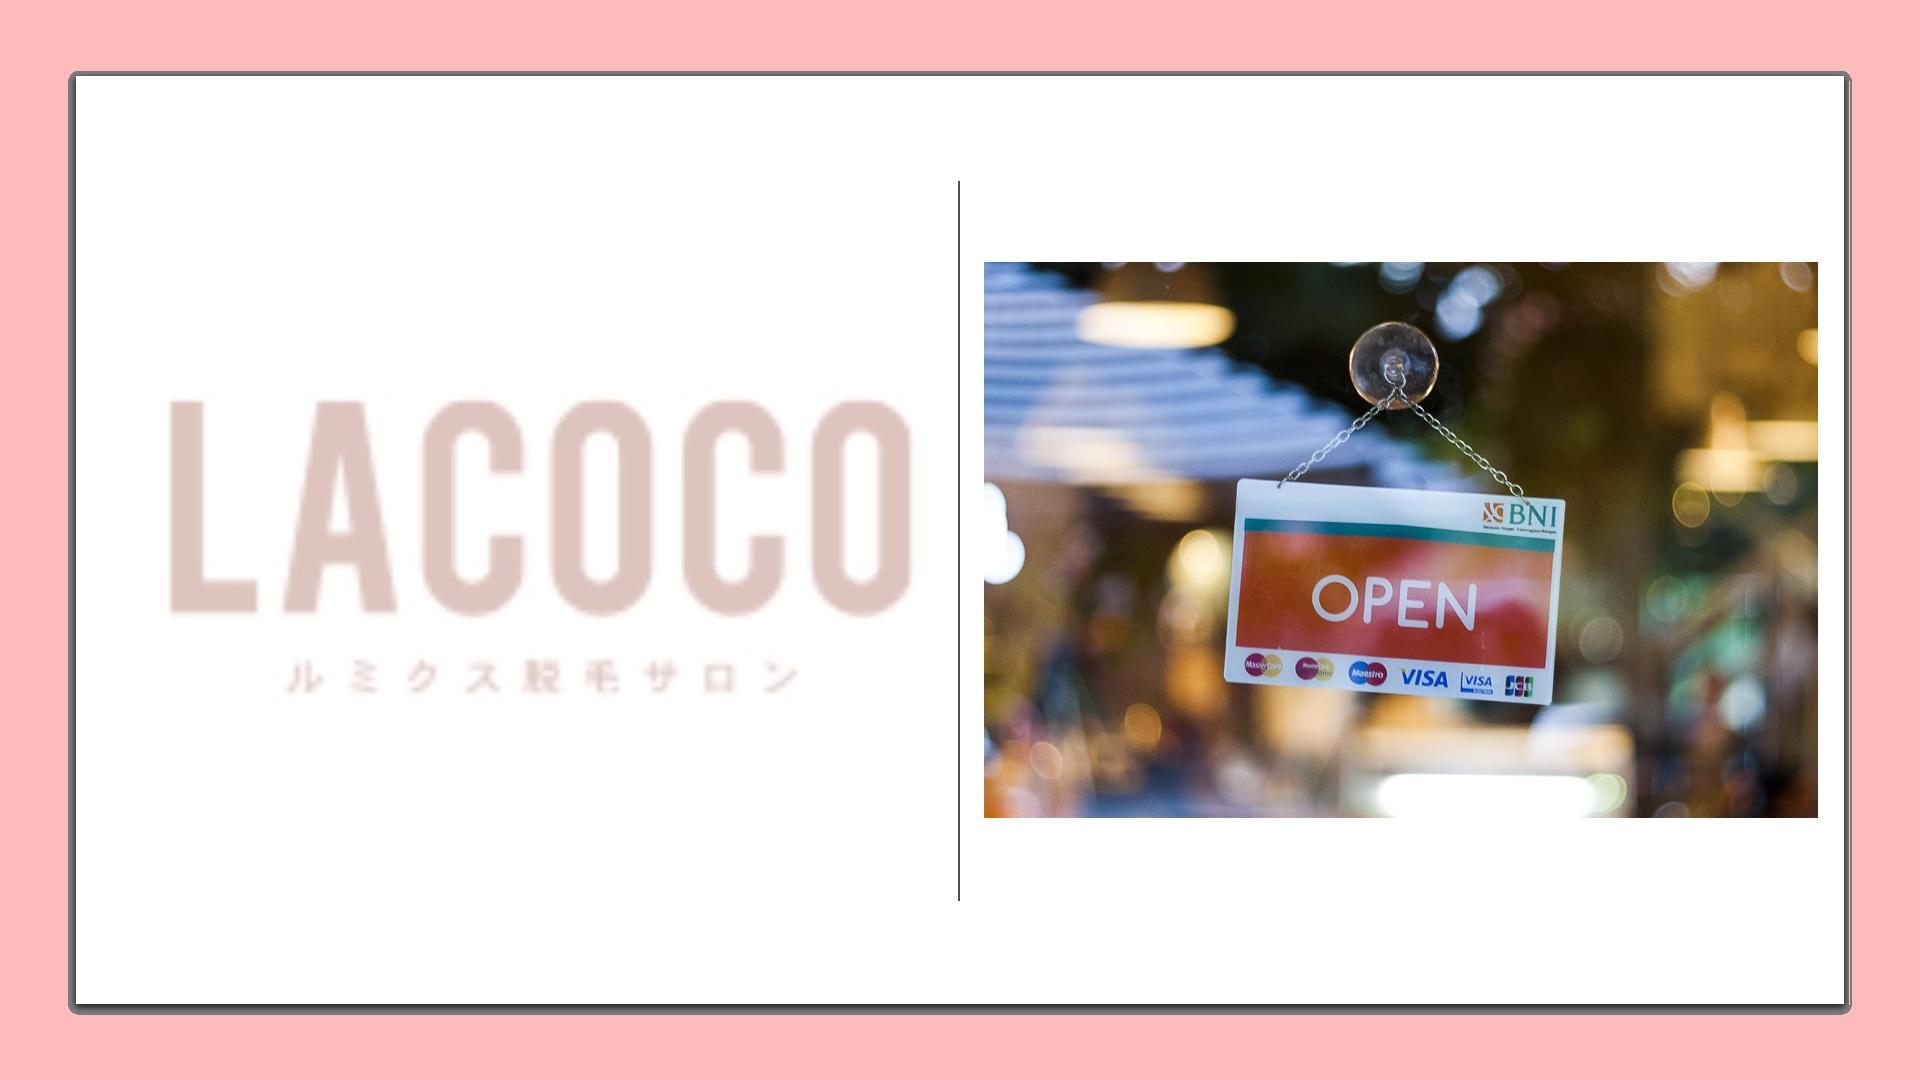 新店舗オープン(ラココ)